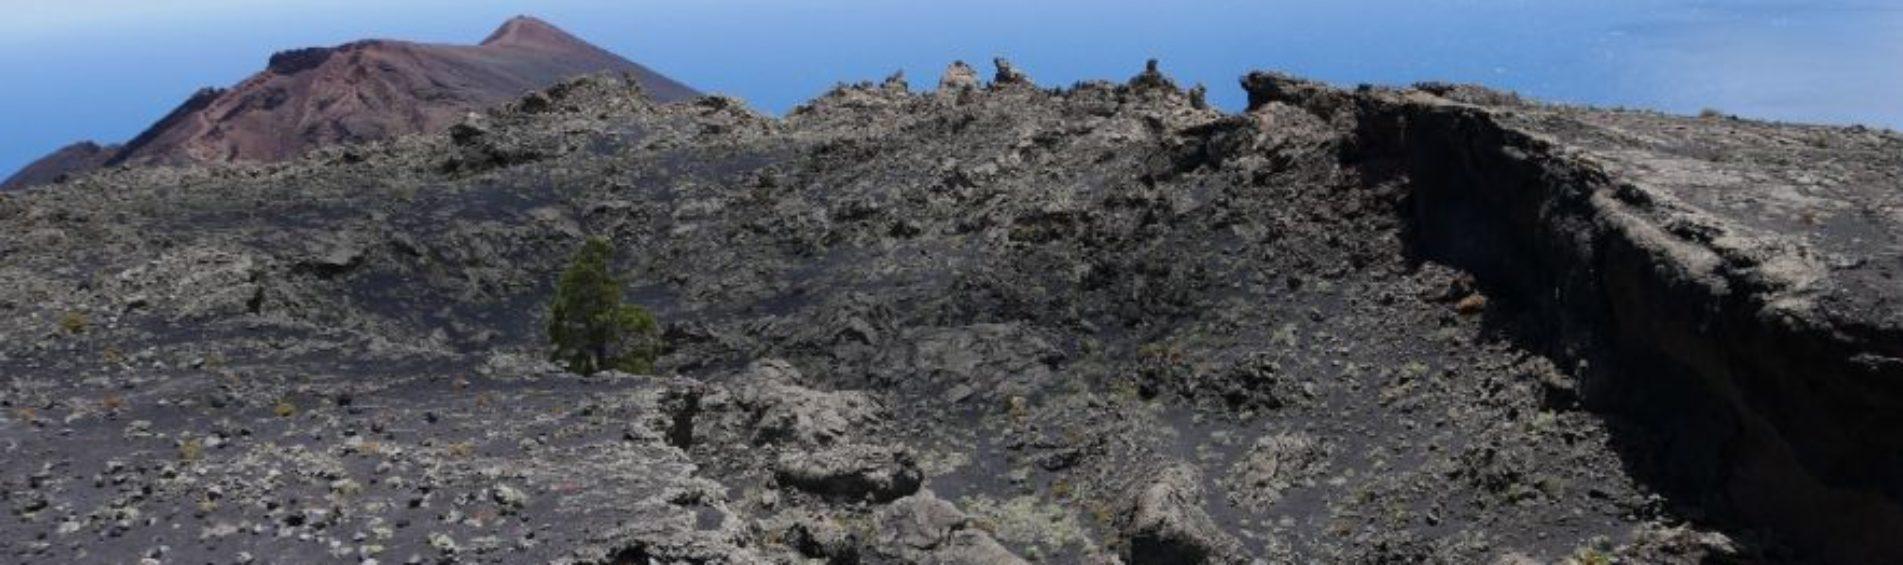 Wandelroute bij de vulkanen San Antonio en Teneguia